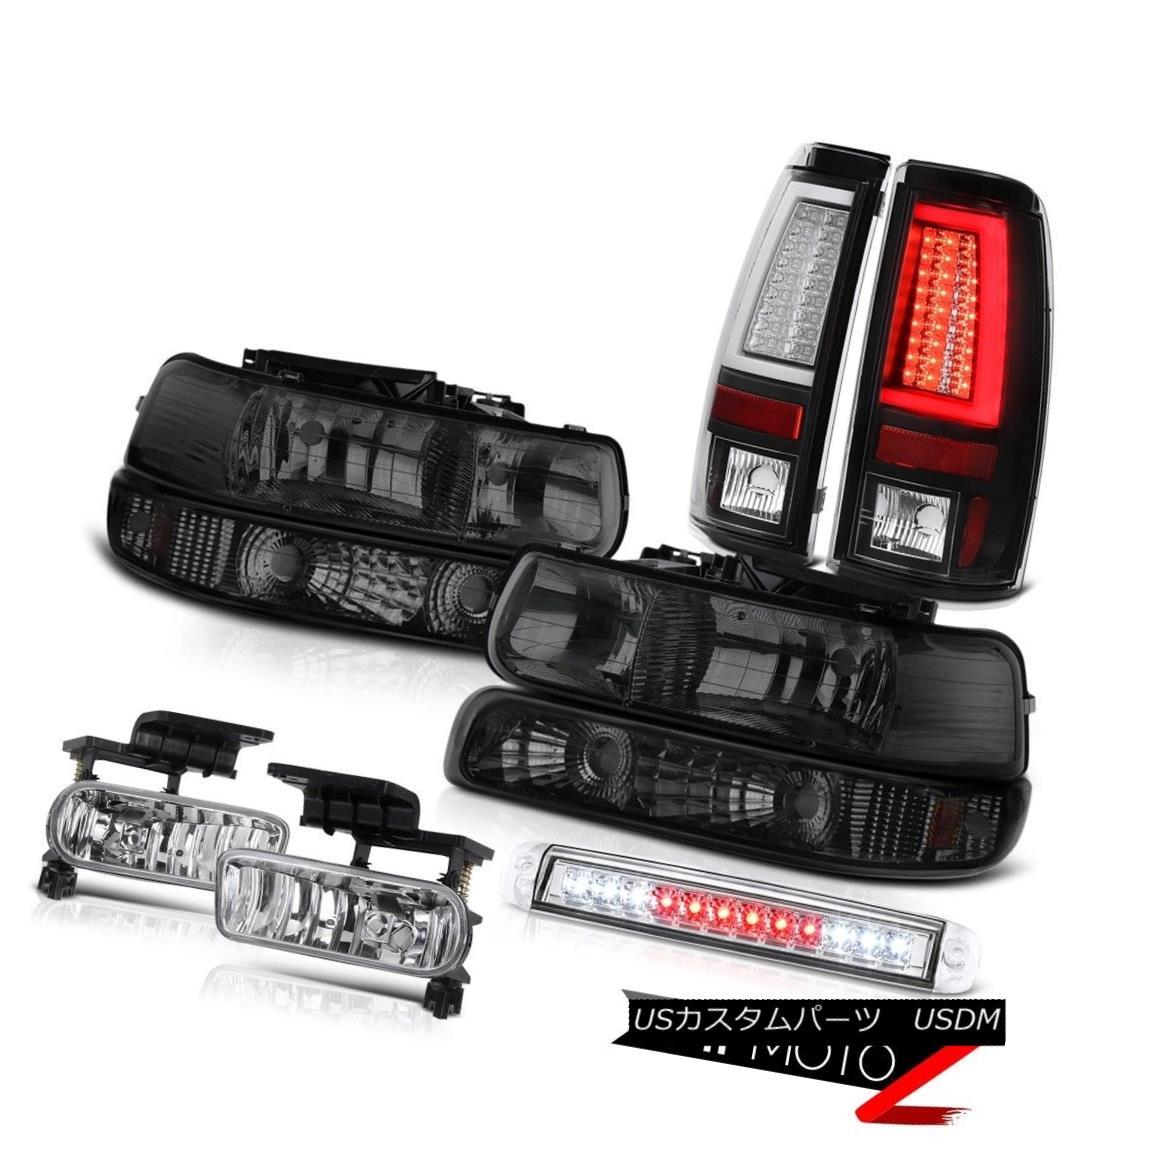 テールライト 99-02 Silverado 5.3L Taillamps 3rd Brake Lamp Headlights Turn Signal Fog Lights 99-02 Silverado 5.3L Taillamps第3ブレーキランプヘッドライトターンシグナルフォグライト